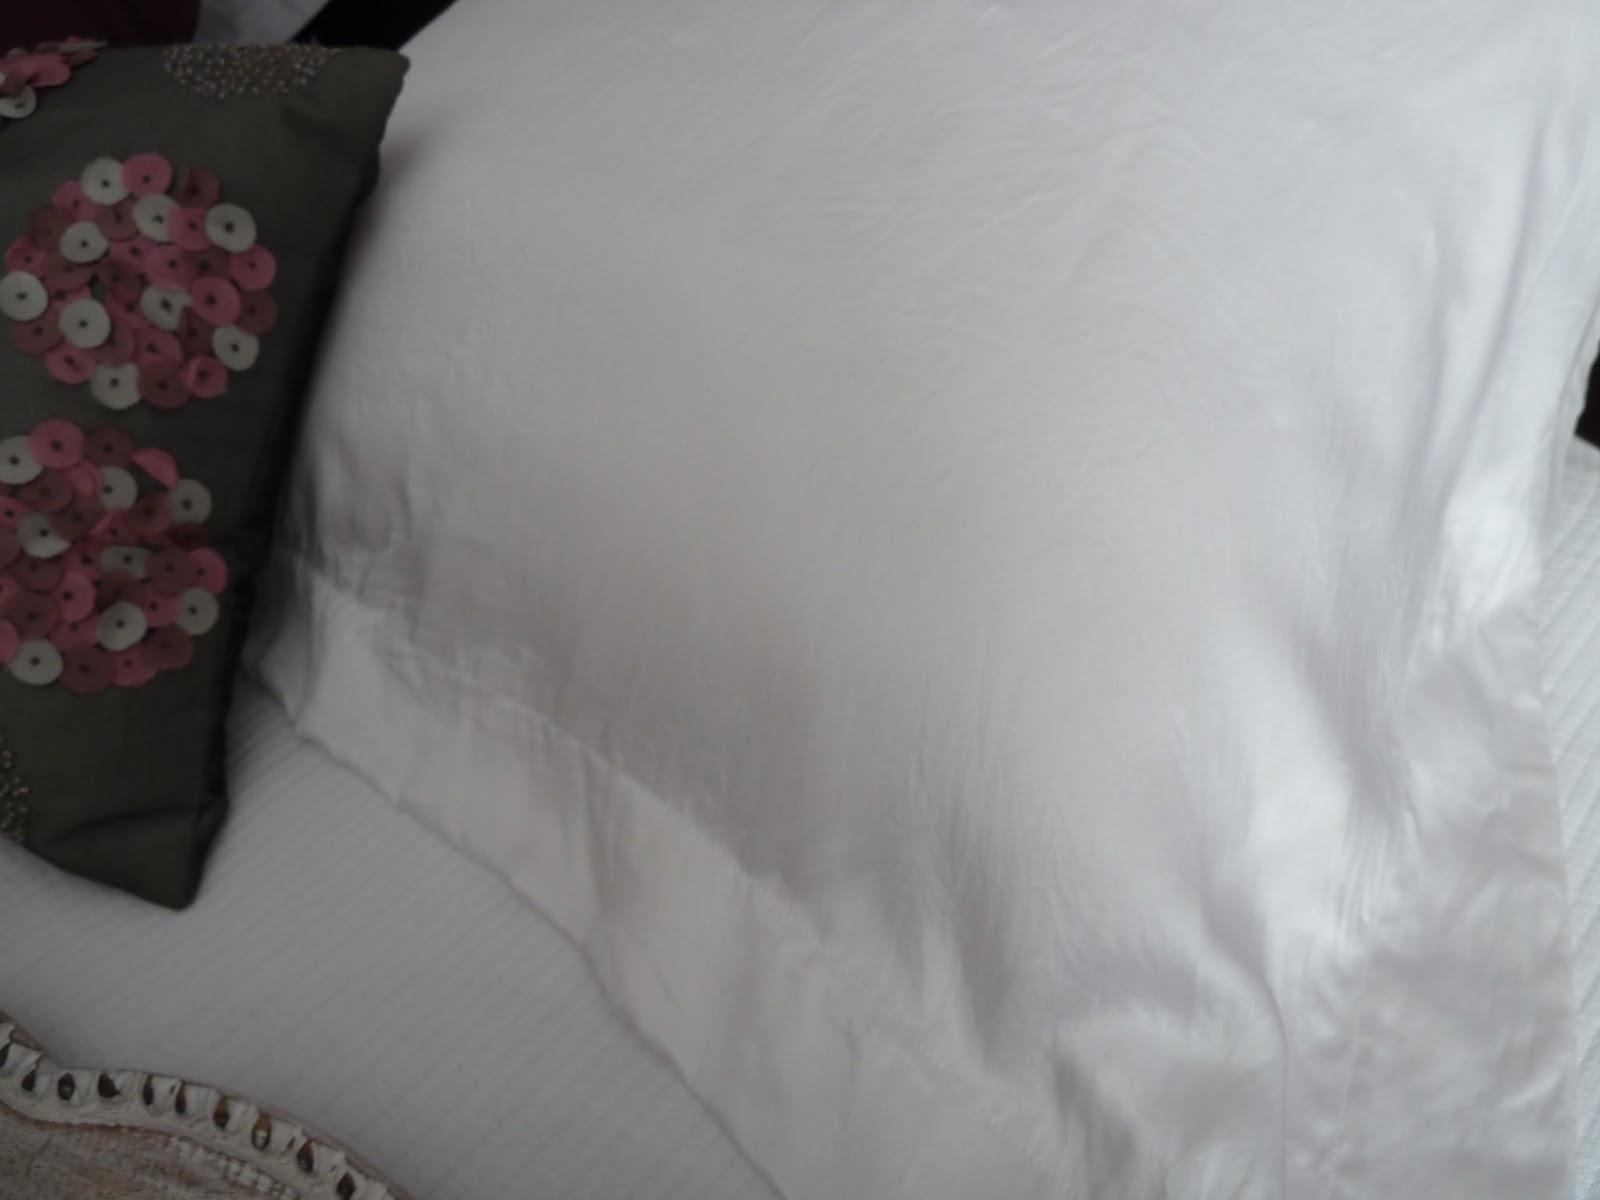 taie d 39 oreiller en soie silkine un alli beaut insoup onn lesenvie. Black Bedroom Furniture Sets. Home Design Ideas